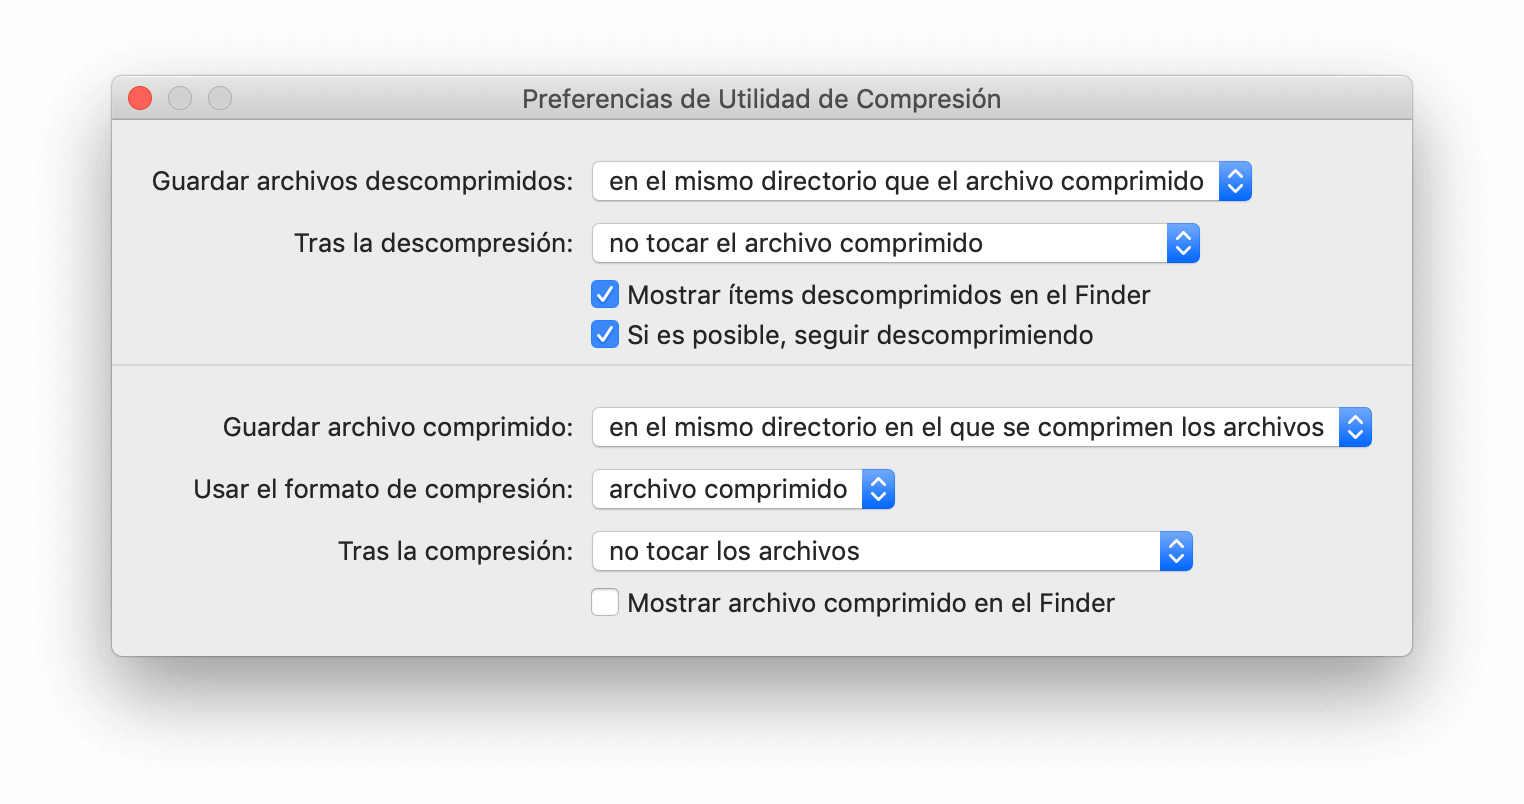 Preferencias Utilidad de Compresión